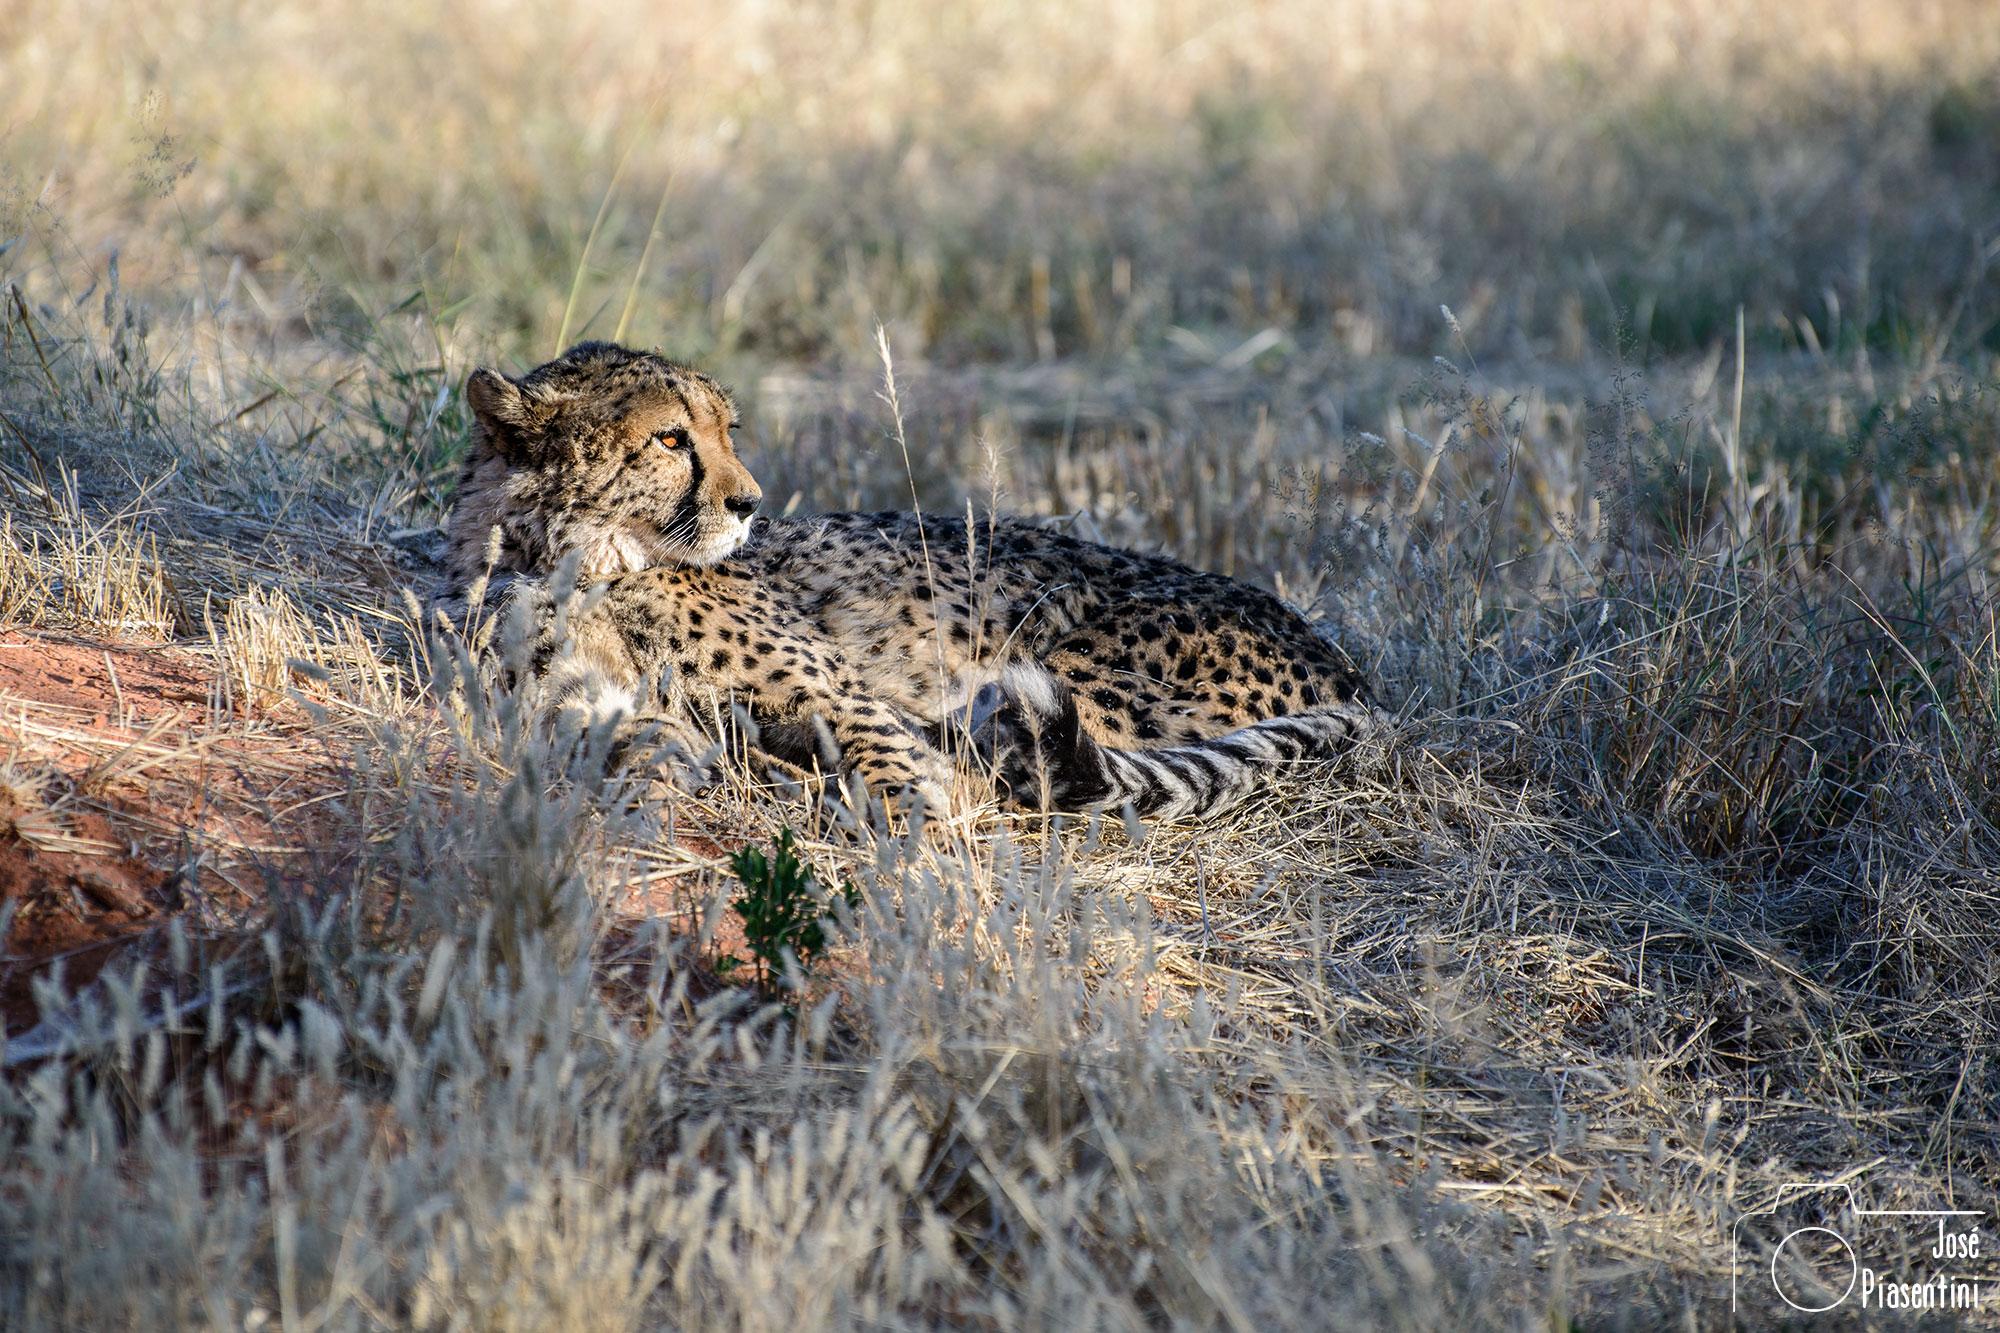 Cheeta-Okonjima